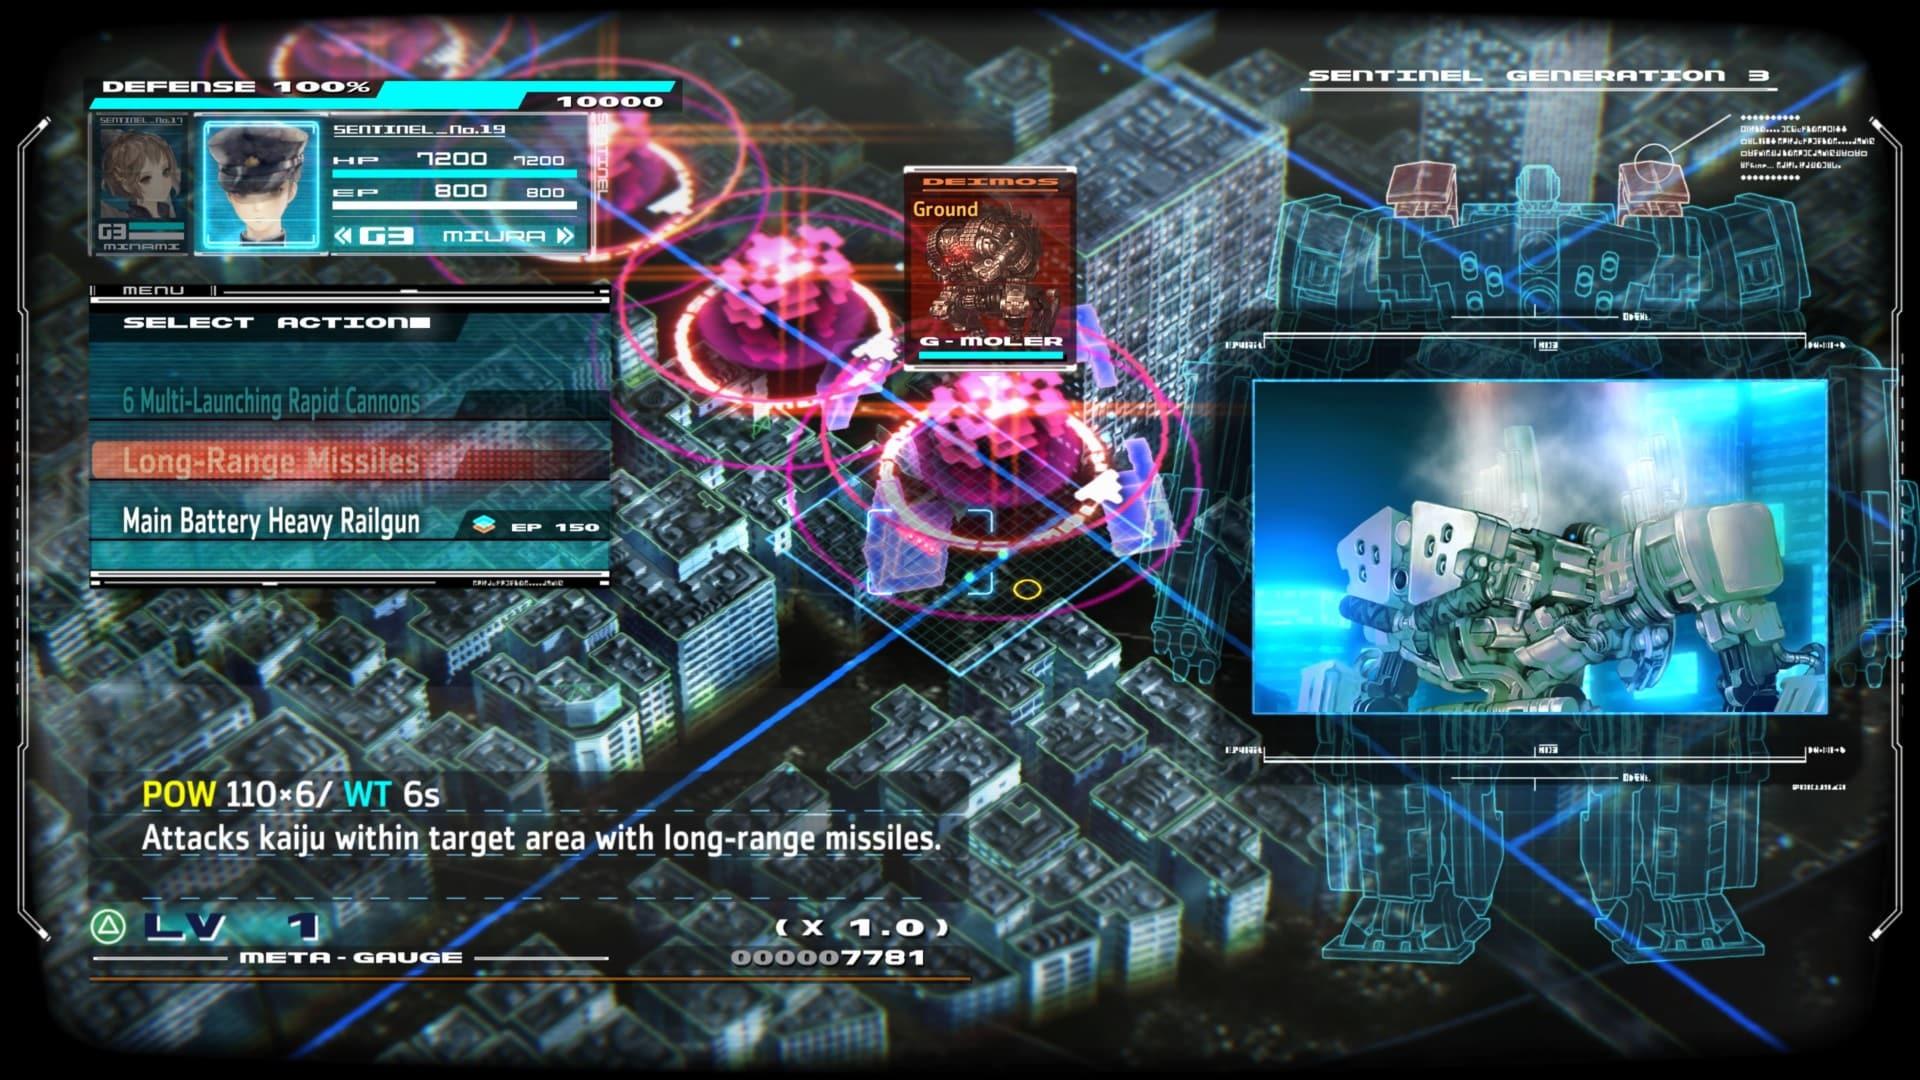 13 Sentinels RTS mode